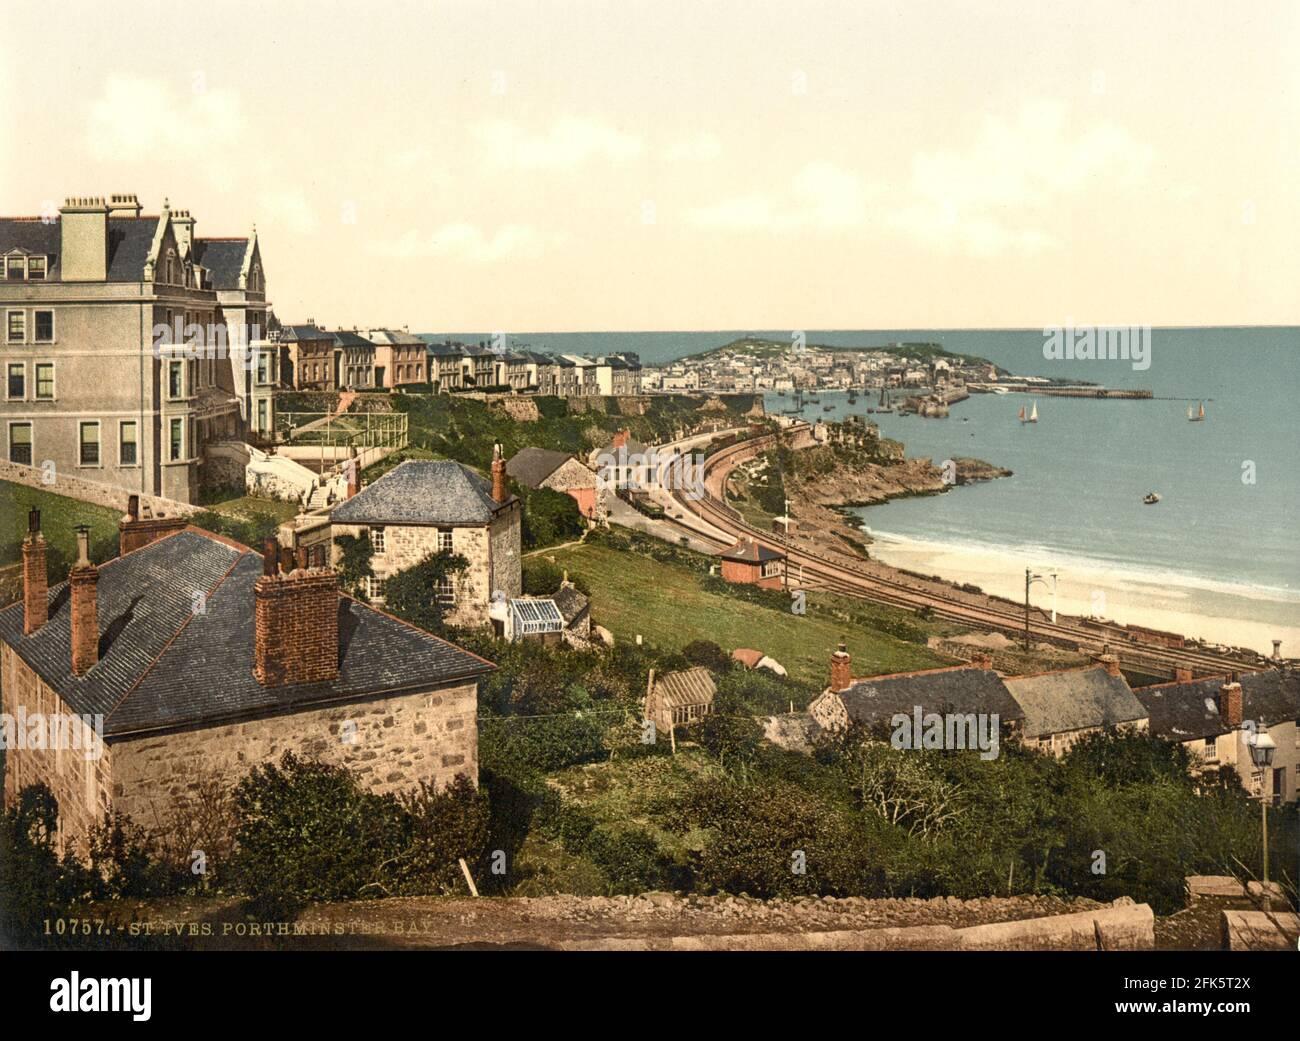 Porthminster Bay St Ives à Cornwall vers 1890-1900 Banque D'Images